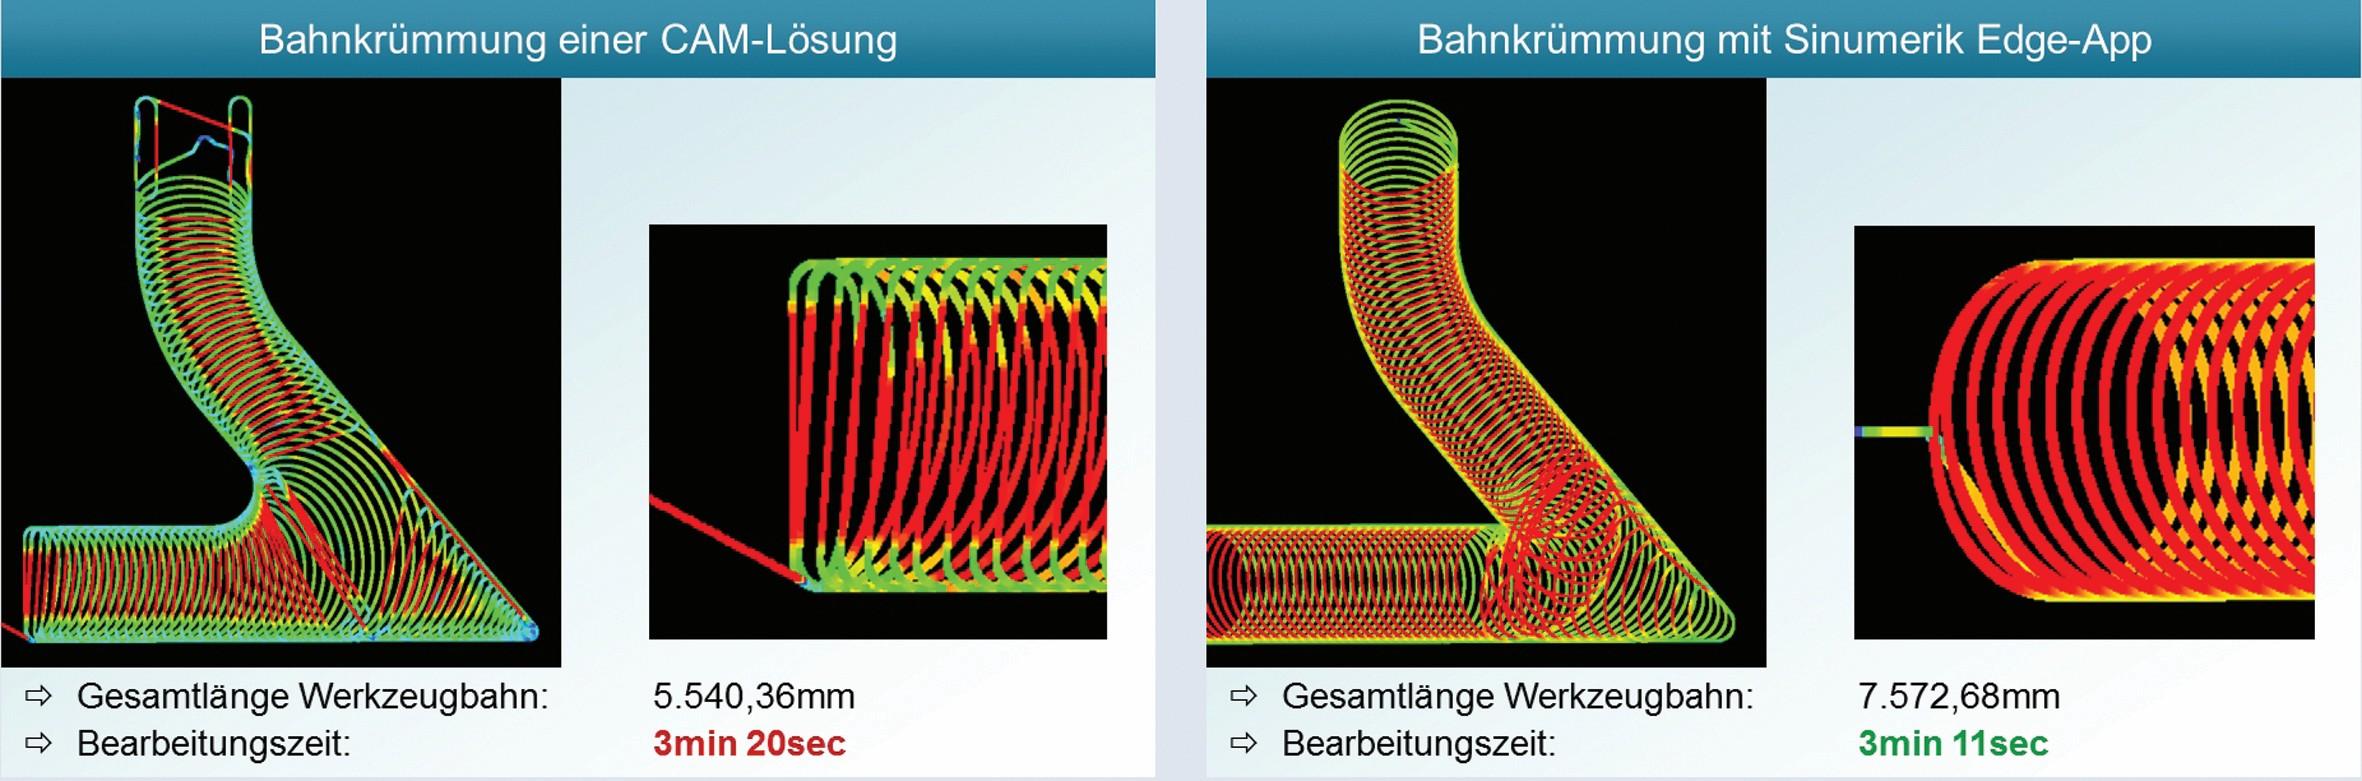 """Bild 4: Im Vergleich zu CAM-generierten trochoidalen Fräsbahnen sind die Radienübergänge der per Edge-App """"Optimize MyMachining/Trochoidal"""" berechneten Fräsbahn günstiger: Sie erlauben durchgängig höhere Bahngeschwindigkeiten. Trotz längerer Werkzeugbahn bleibt ein Zeitvorteil. (Bild: Siemens)"""